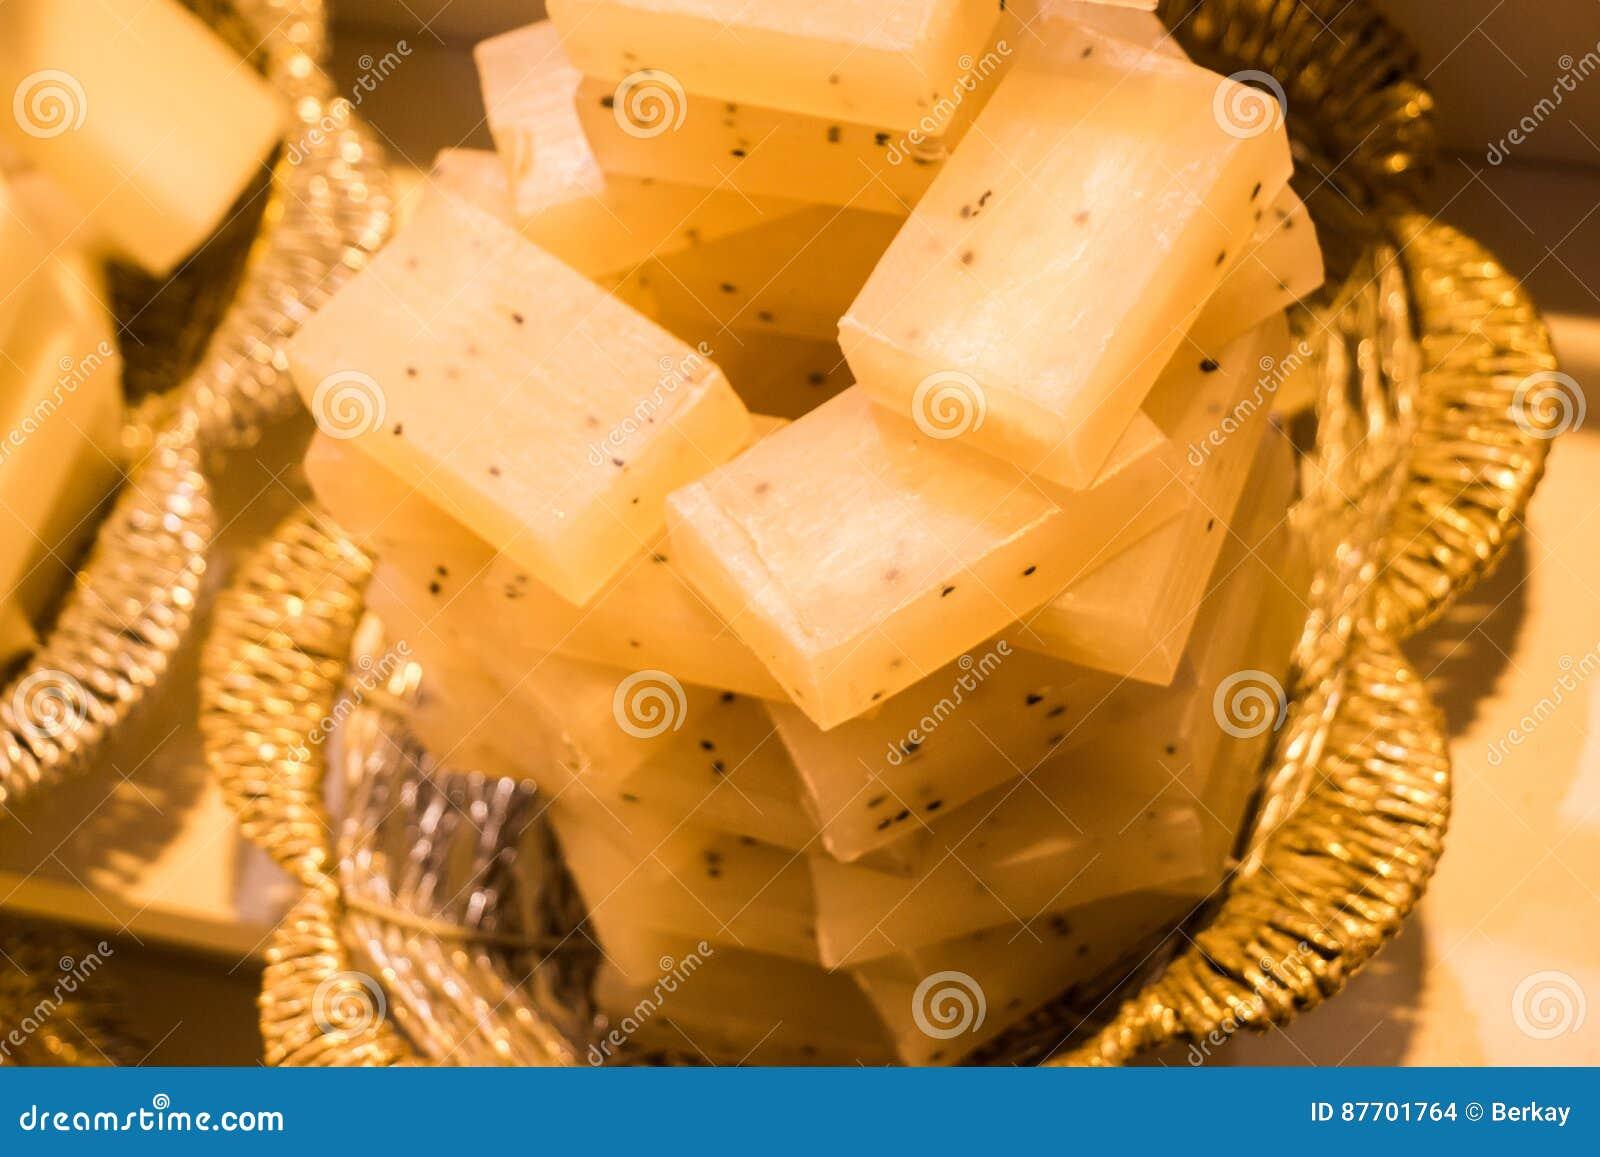 Collection de barres de savon organique fabriqué à la main dans un panier